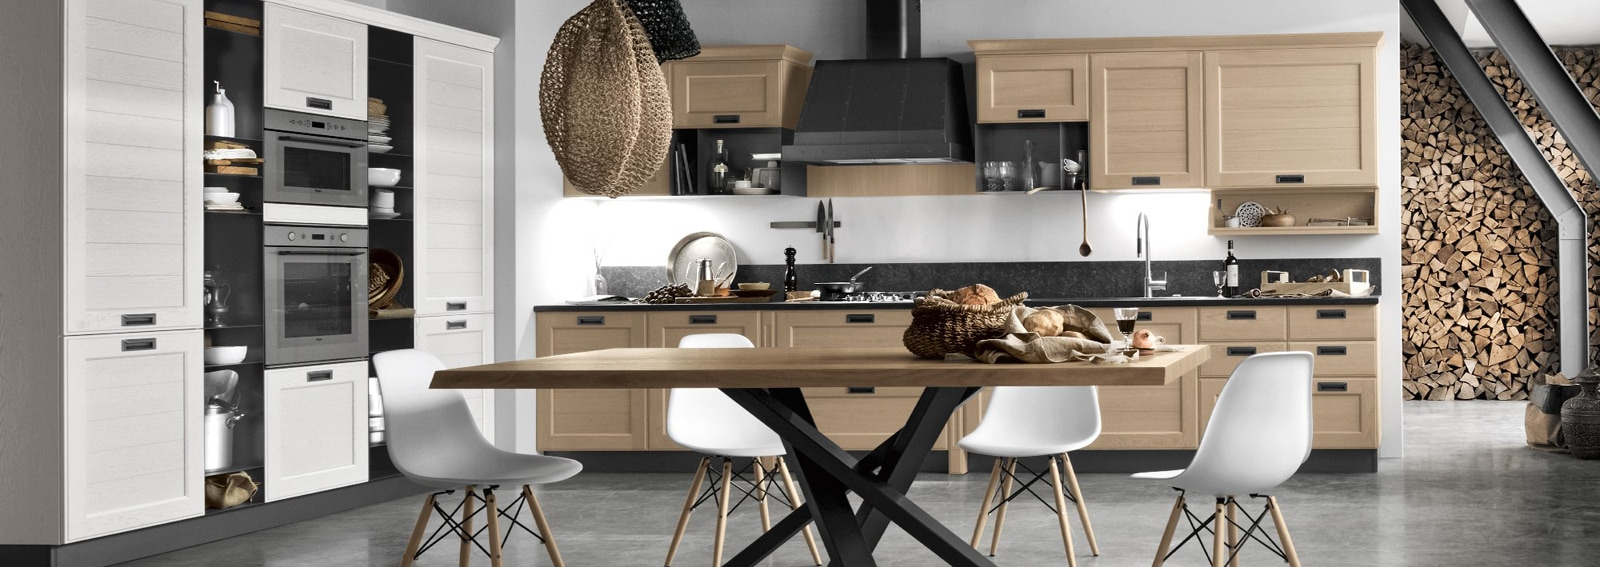 Stunning Cucine Le Migliori Marche Ideas - Ideas & Design 2017 ...